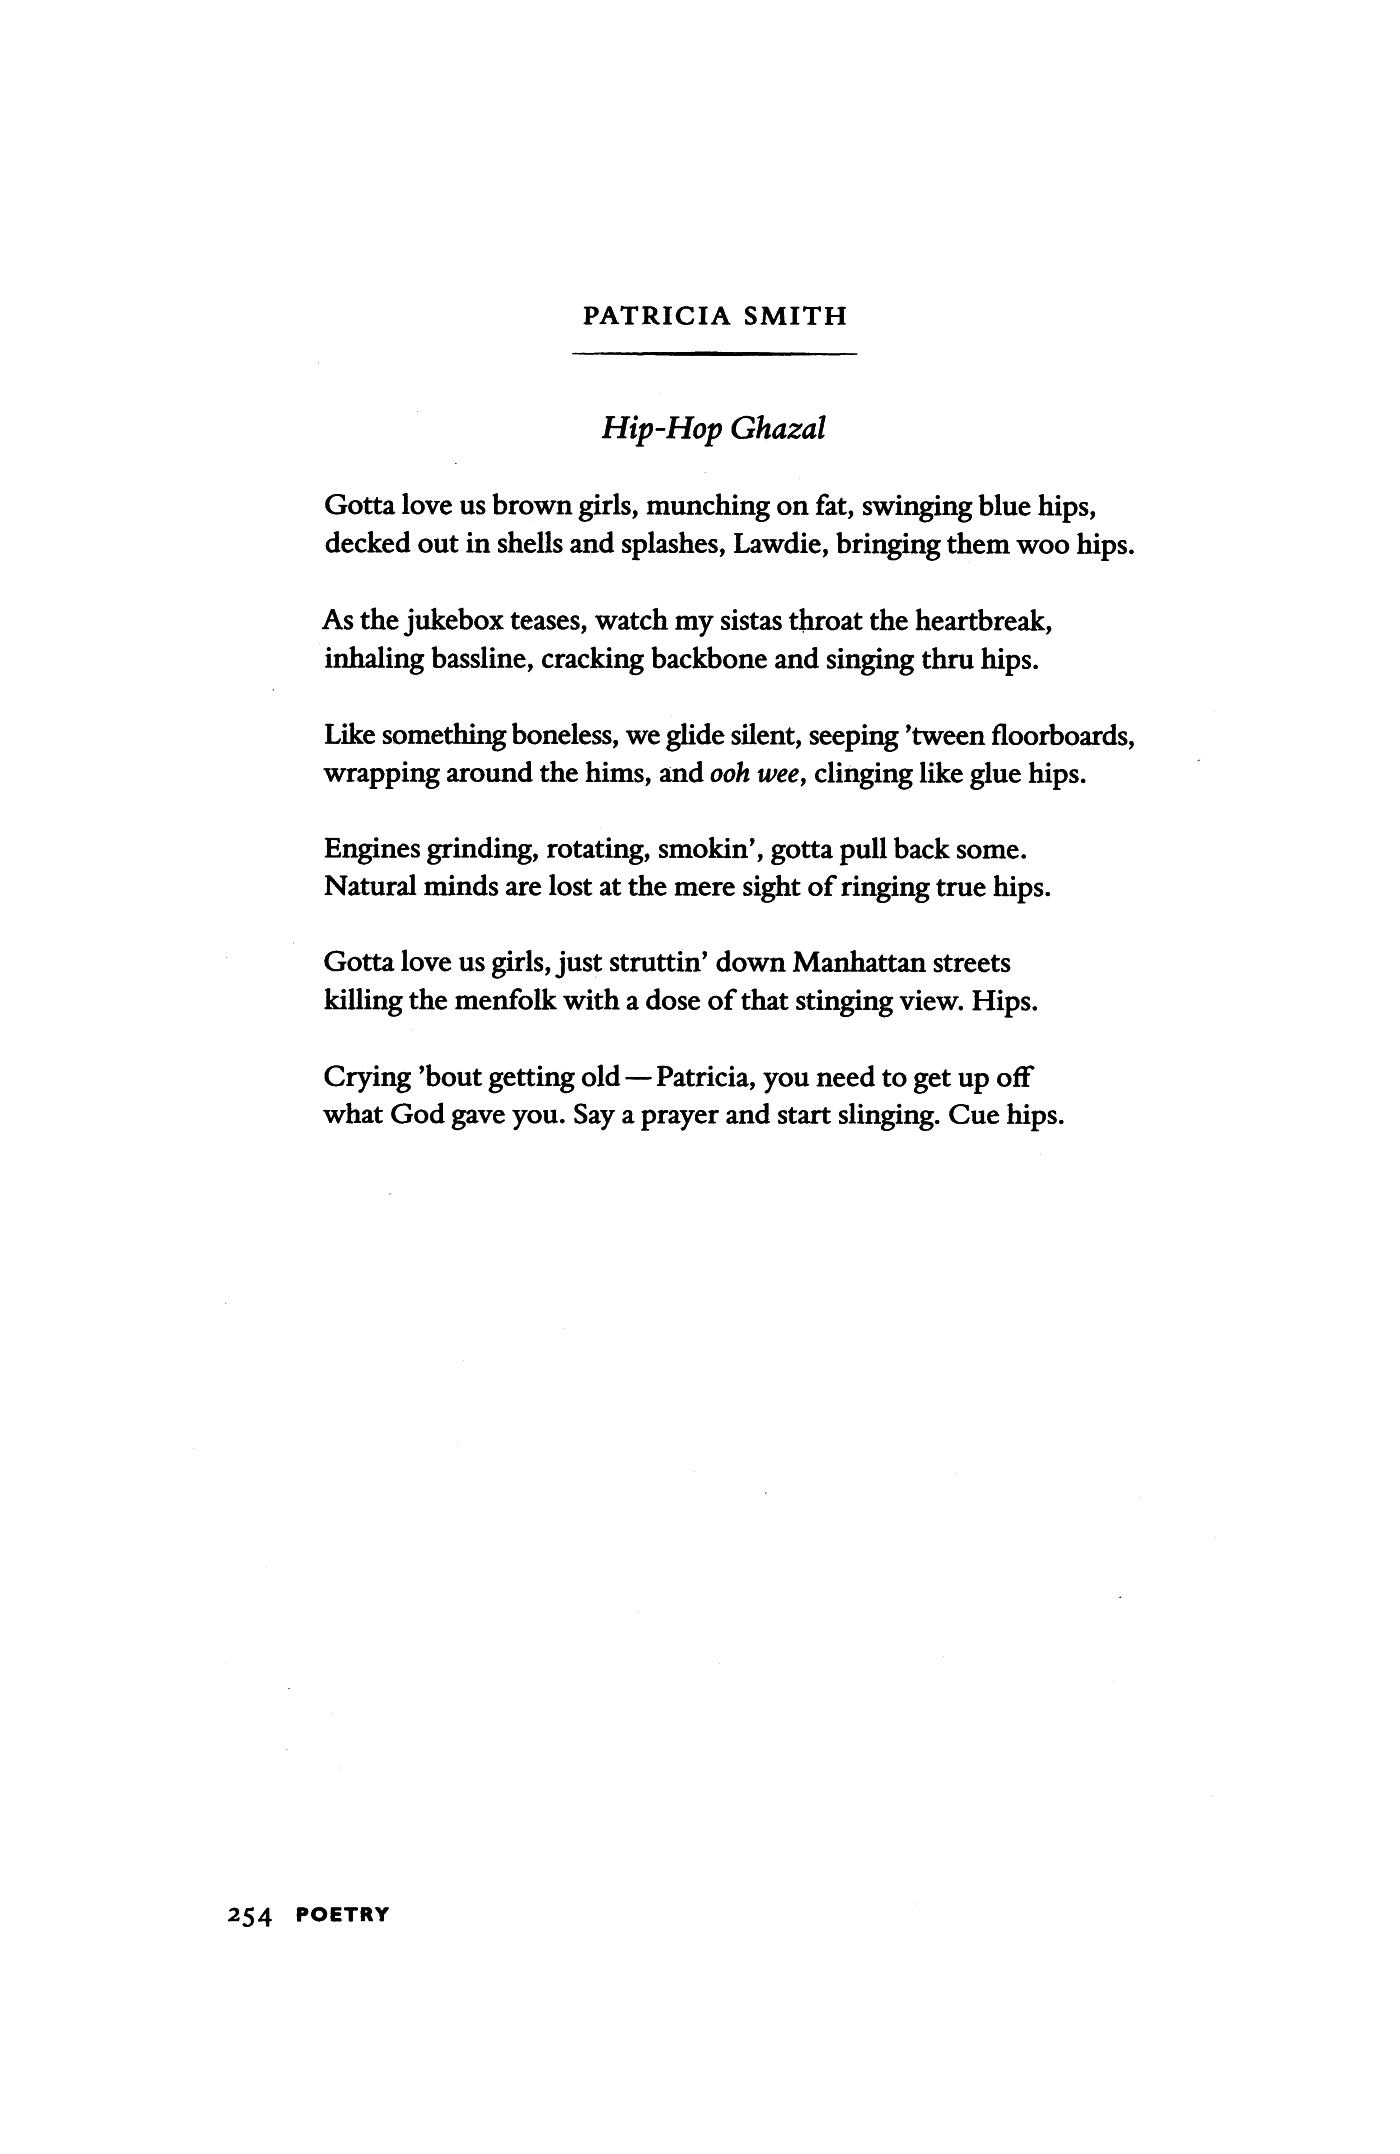 hips poem